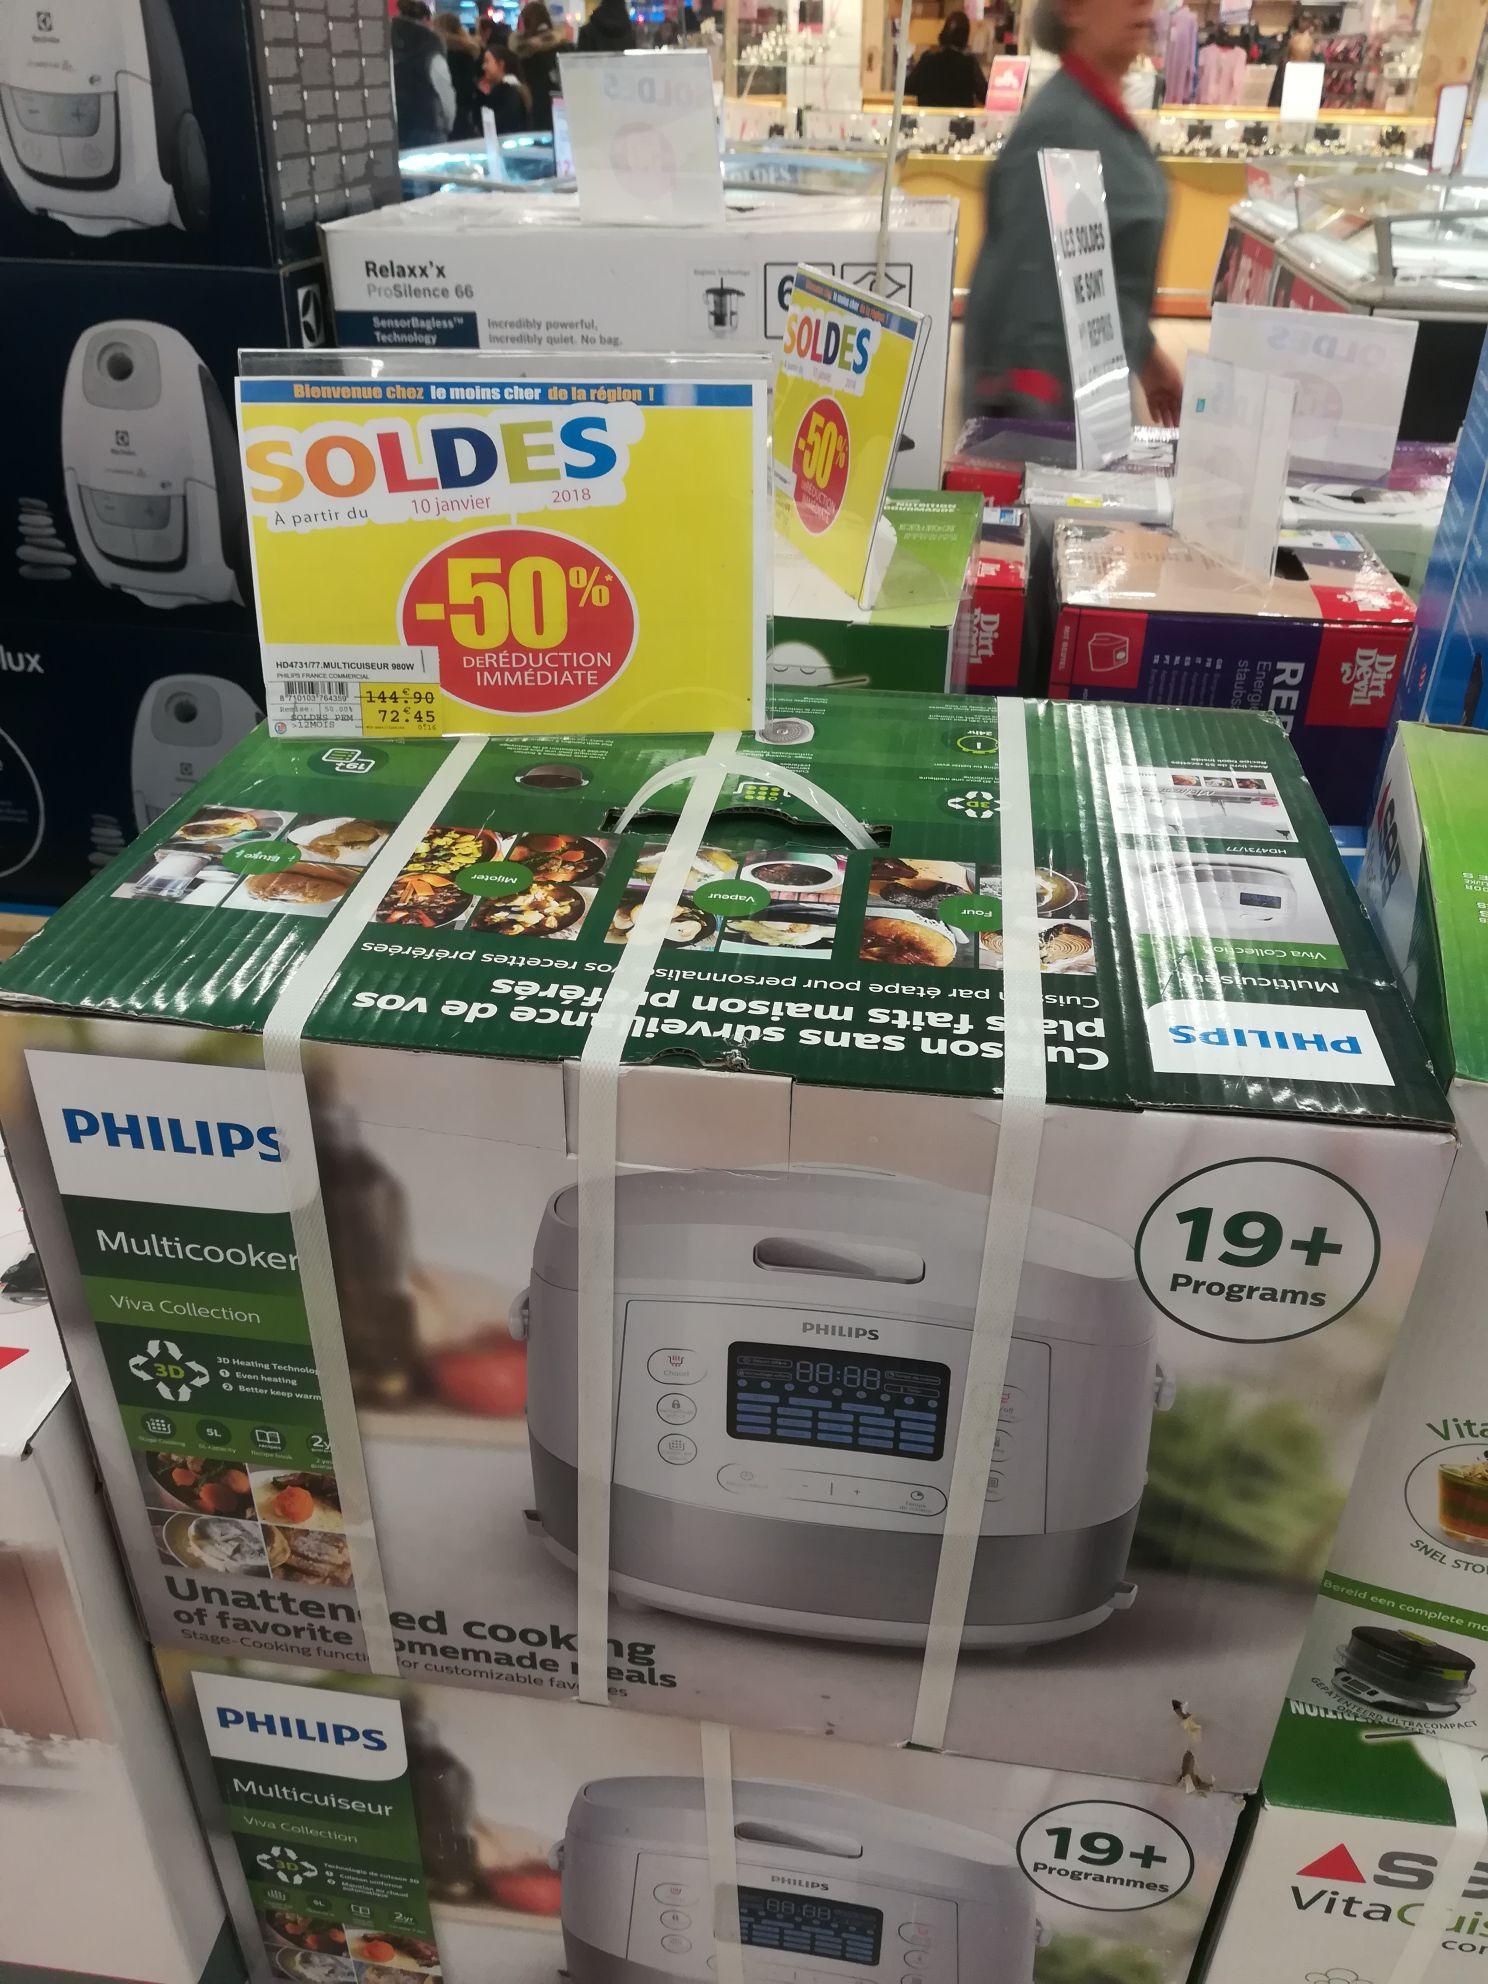 Multicuiseur Philips HD4731/77 Viva - Clichy Sous Bois (93)